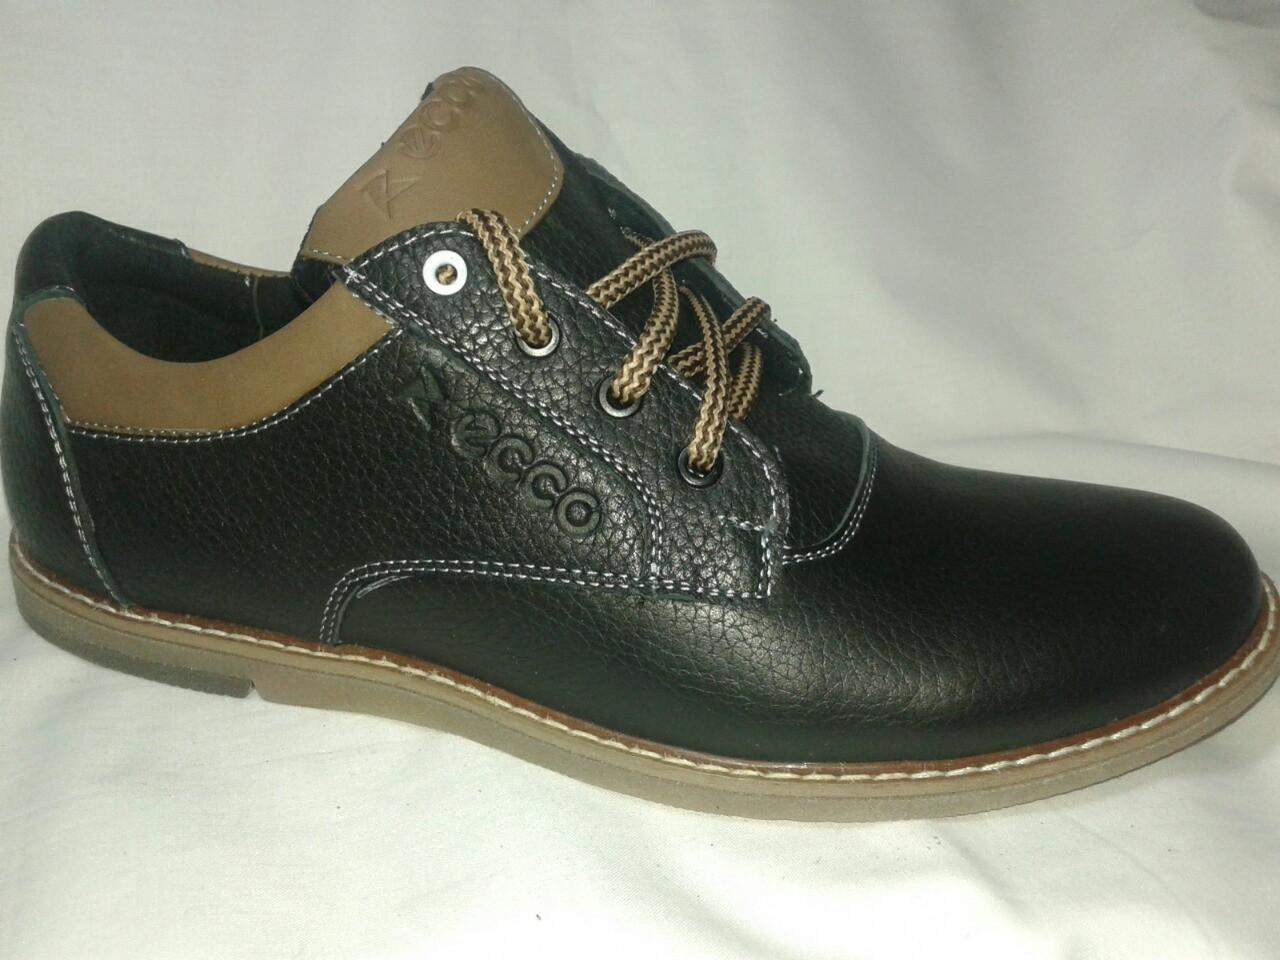 461761587 Мужские ботинки Ессо м 07 р 40-45 - Интернет-магазин одежды и обуви